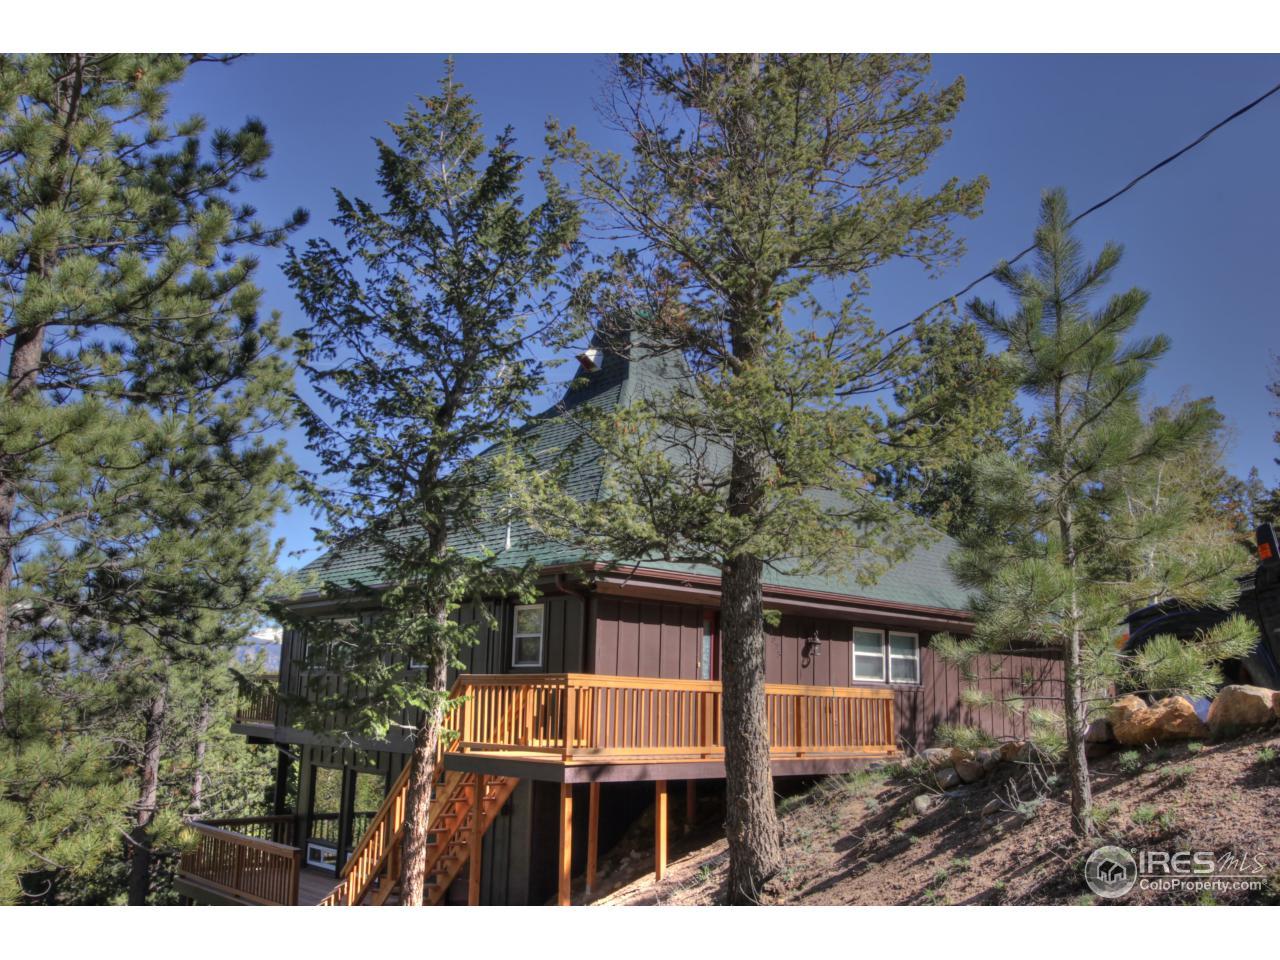 4075 Little Valley Rd, Estes Park CO 80517